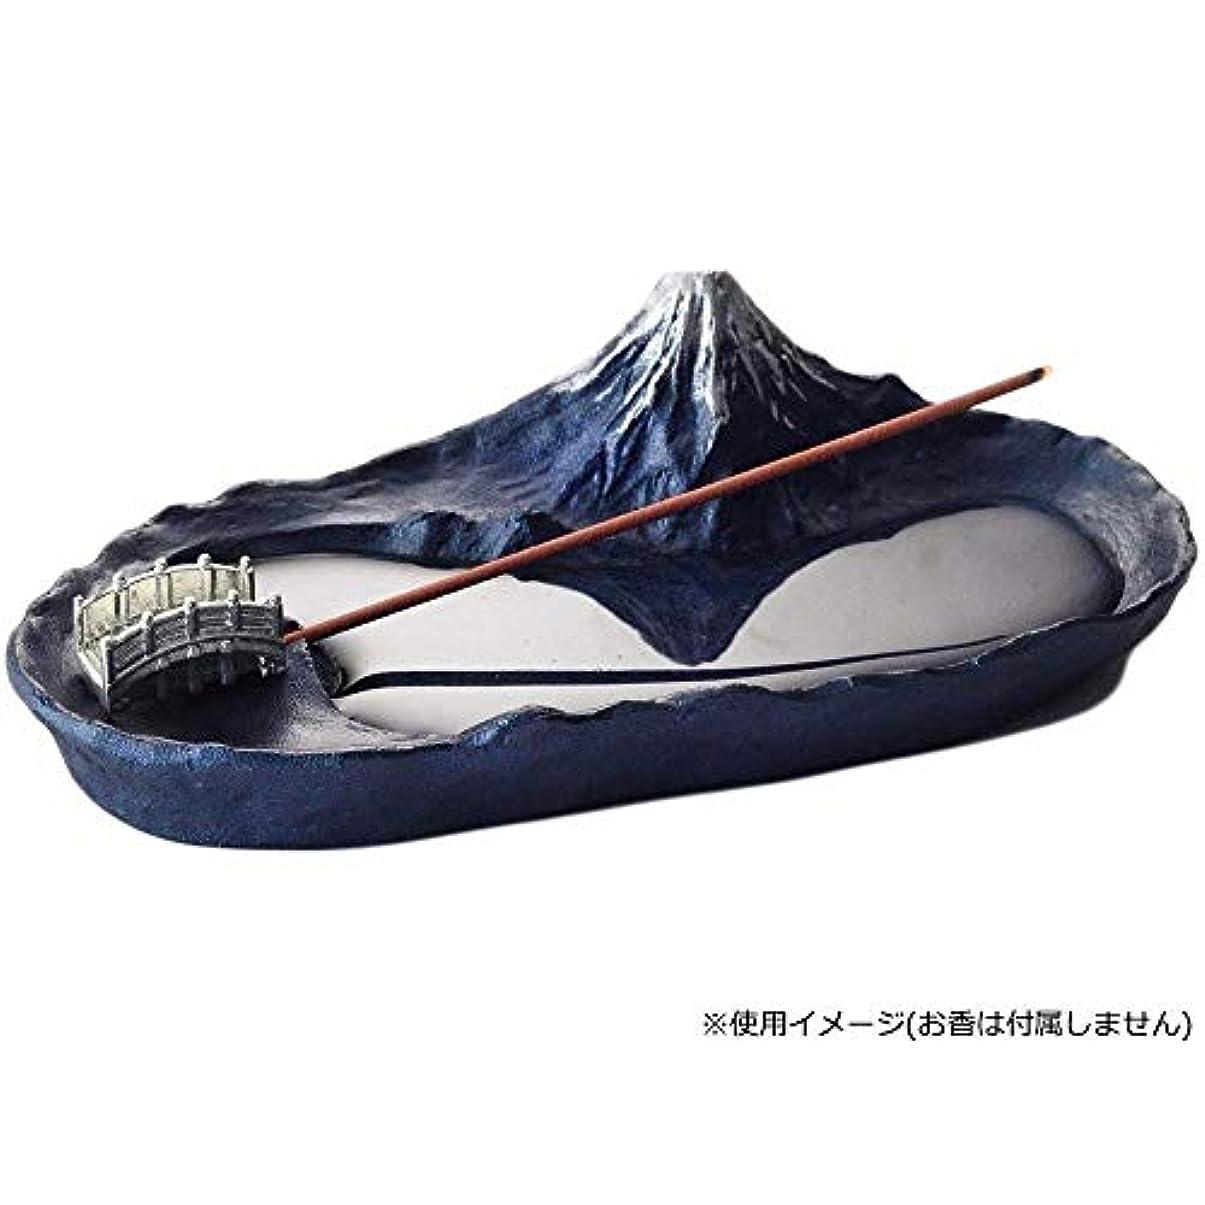 黒板プラカード効能あるインセンスホルダー 香立て さかさ富士 青富士